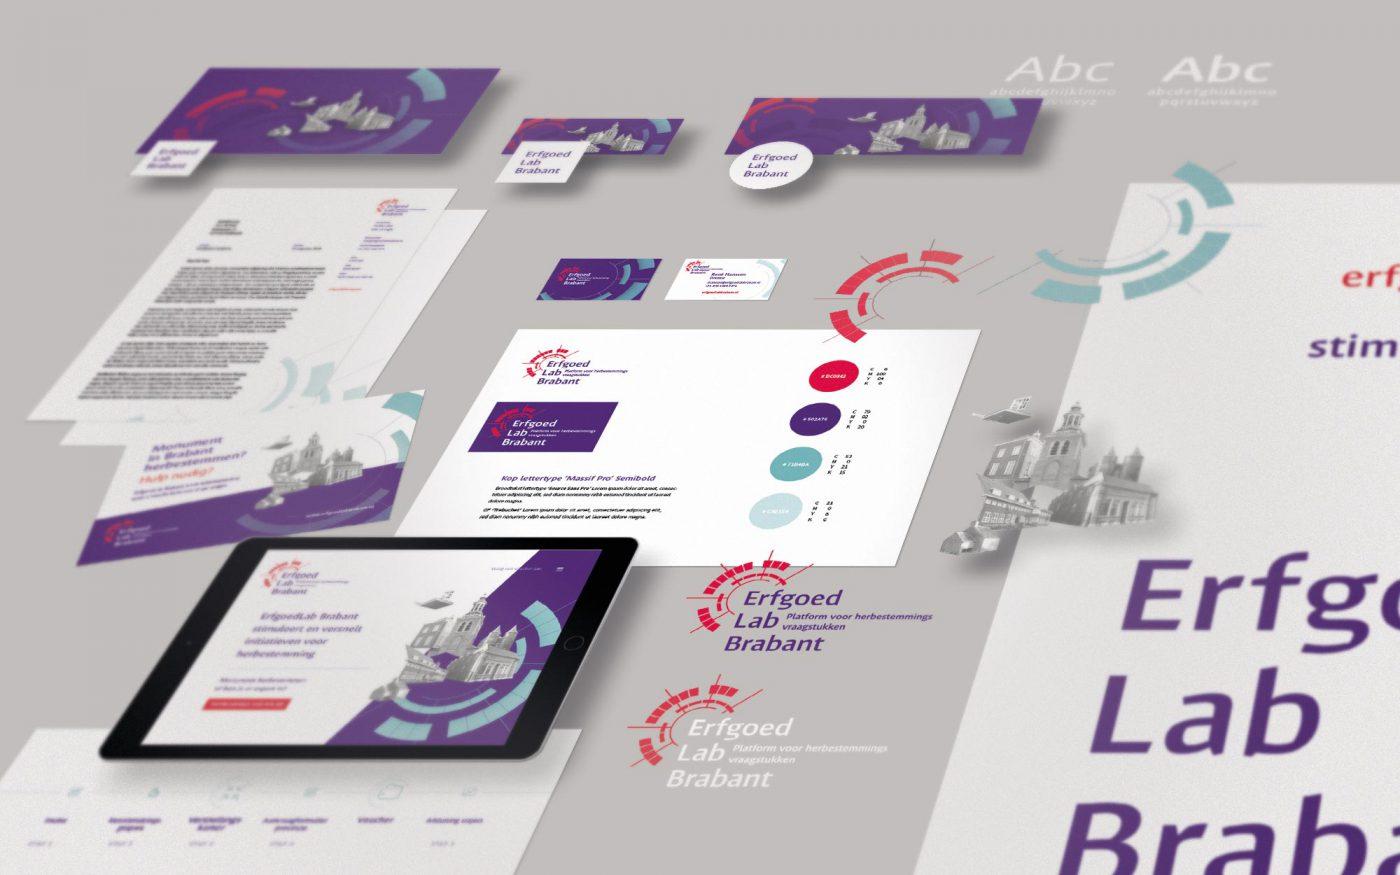 Erfgoed Lab branding JAgd ontwerp 2